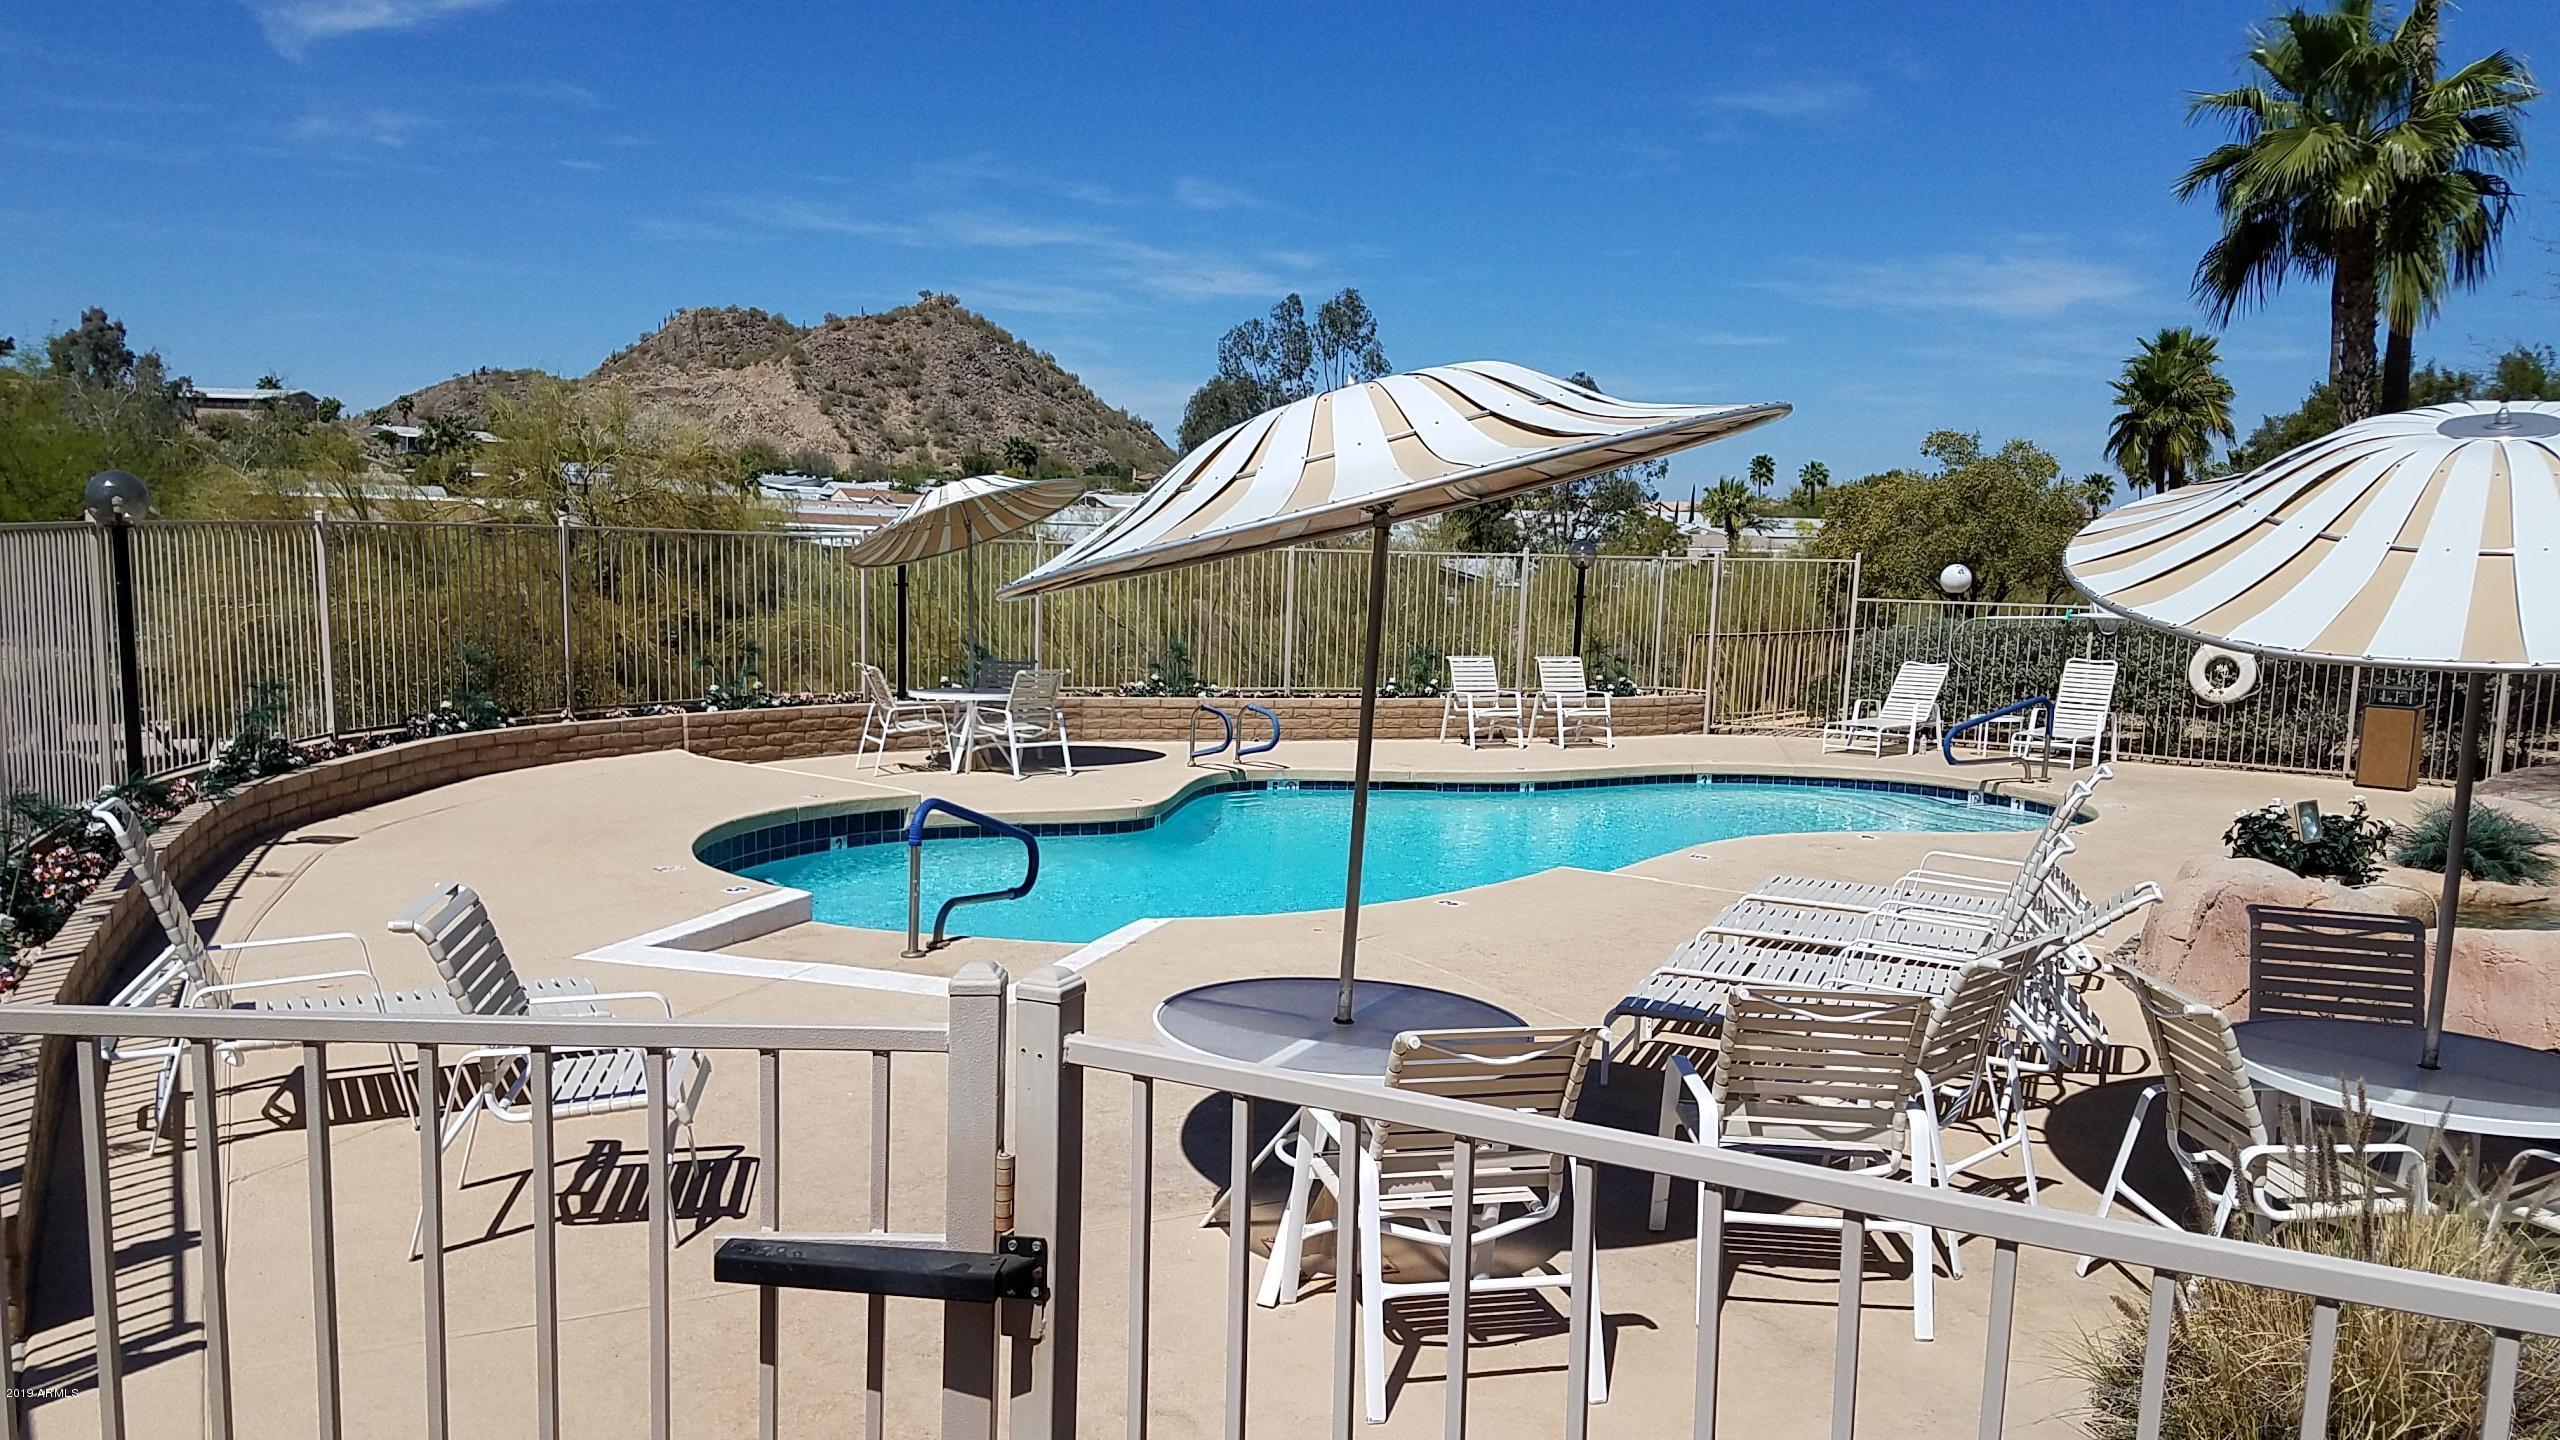 MLS 5918051 2233 E BEHREND Drive Unit 114, Phoenix, AZ 85024 Phoenix AZ Affordable